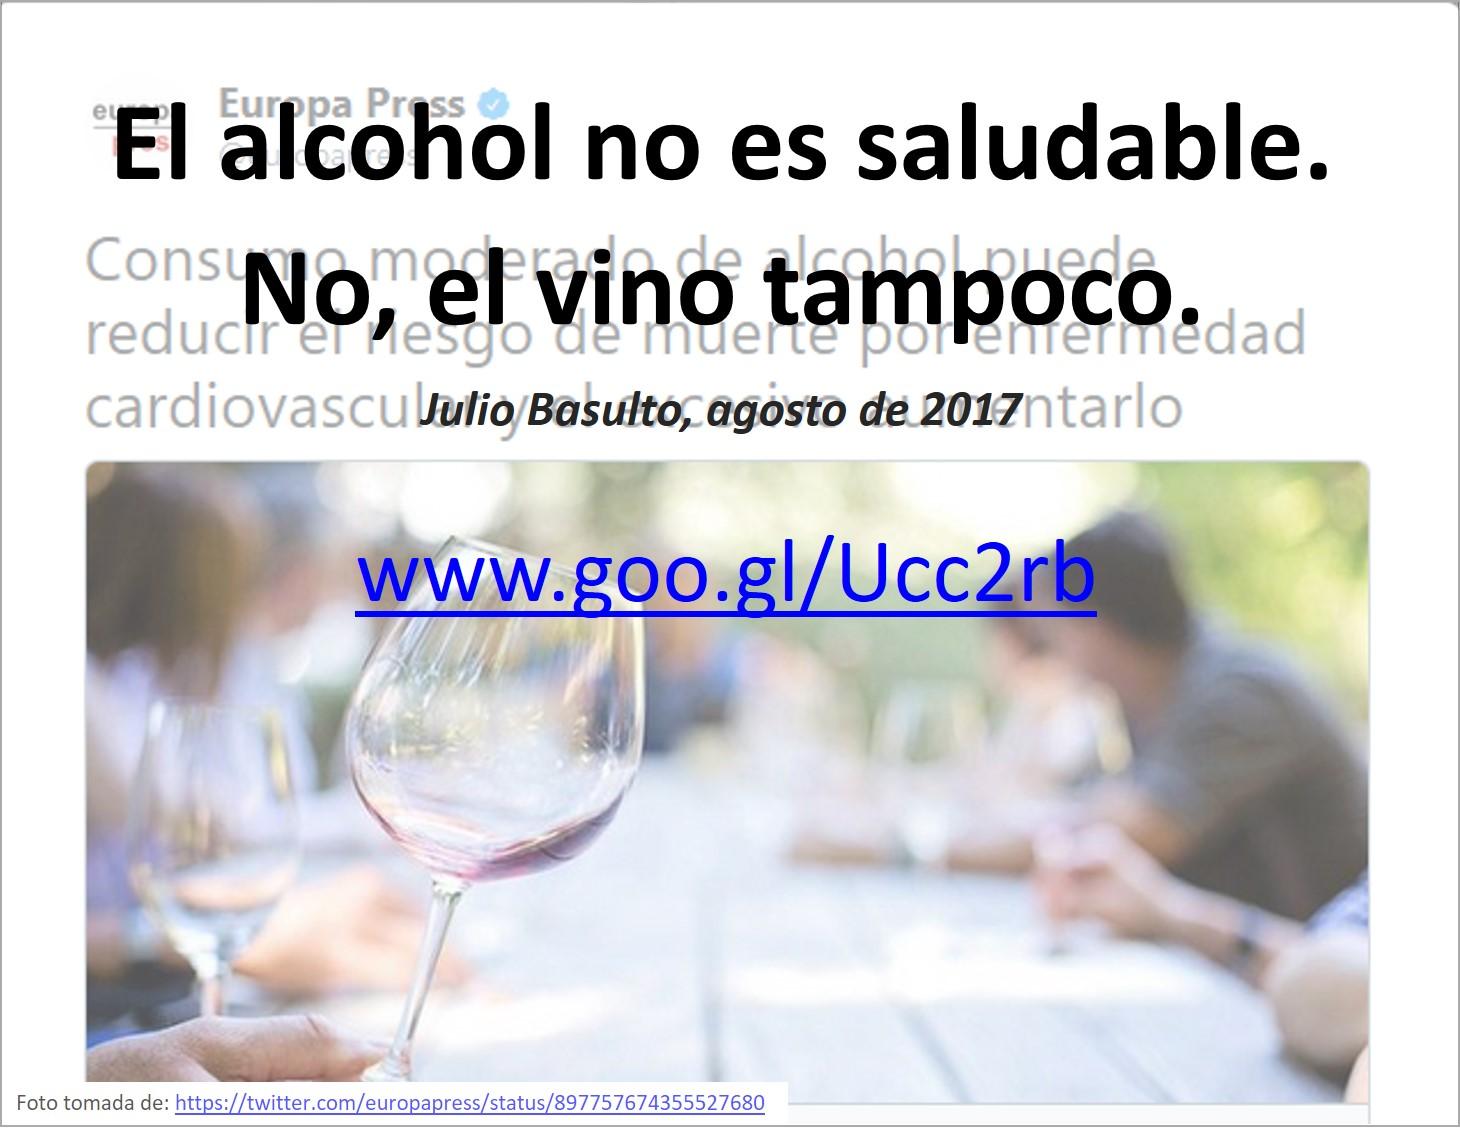 El alcohol no es saludable. No, el vino tampoco.